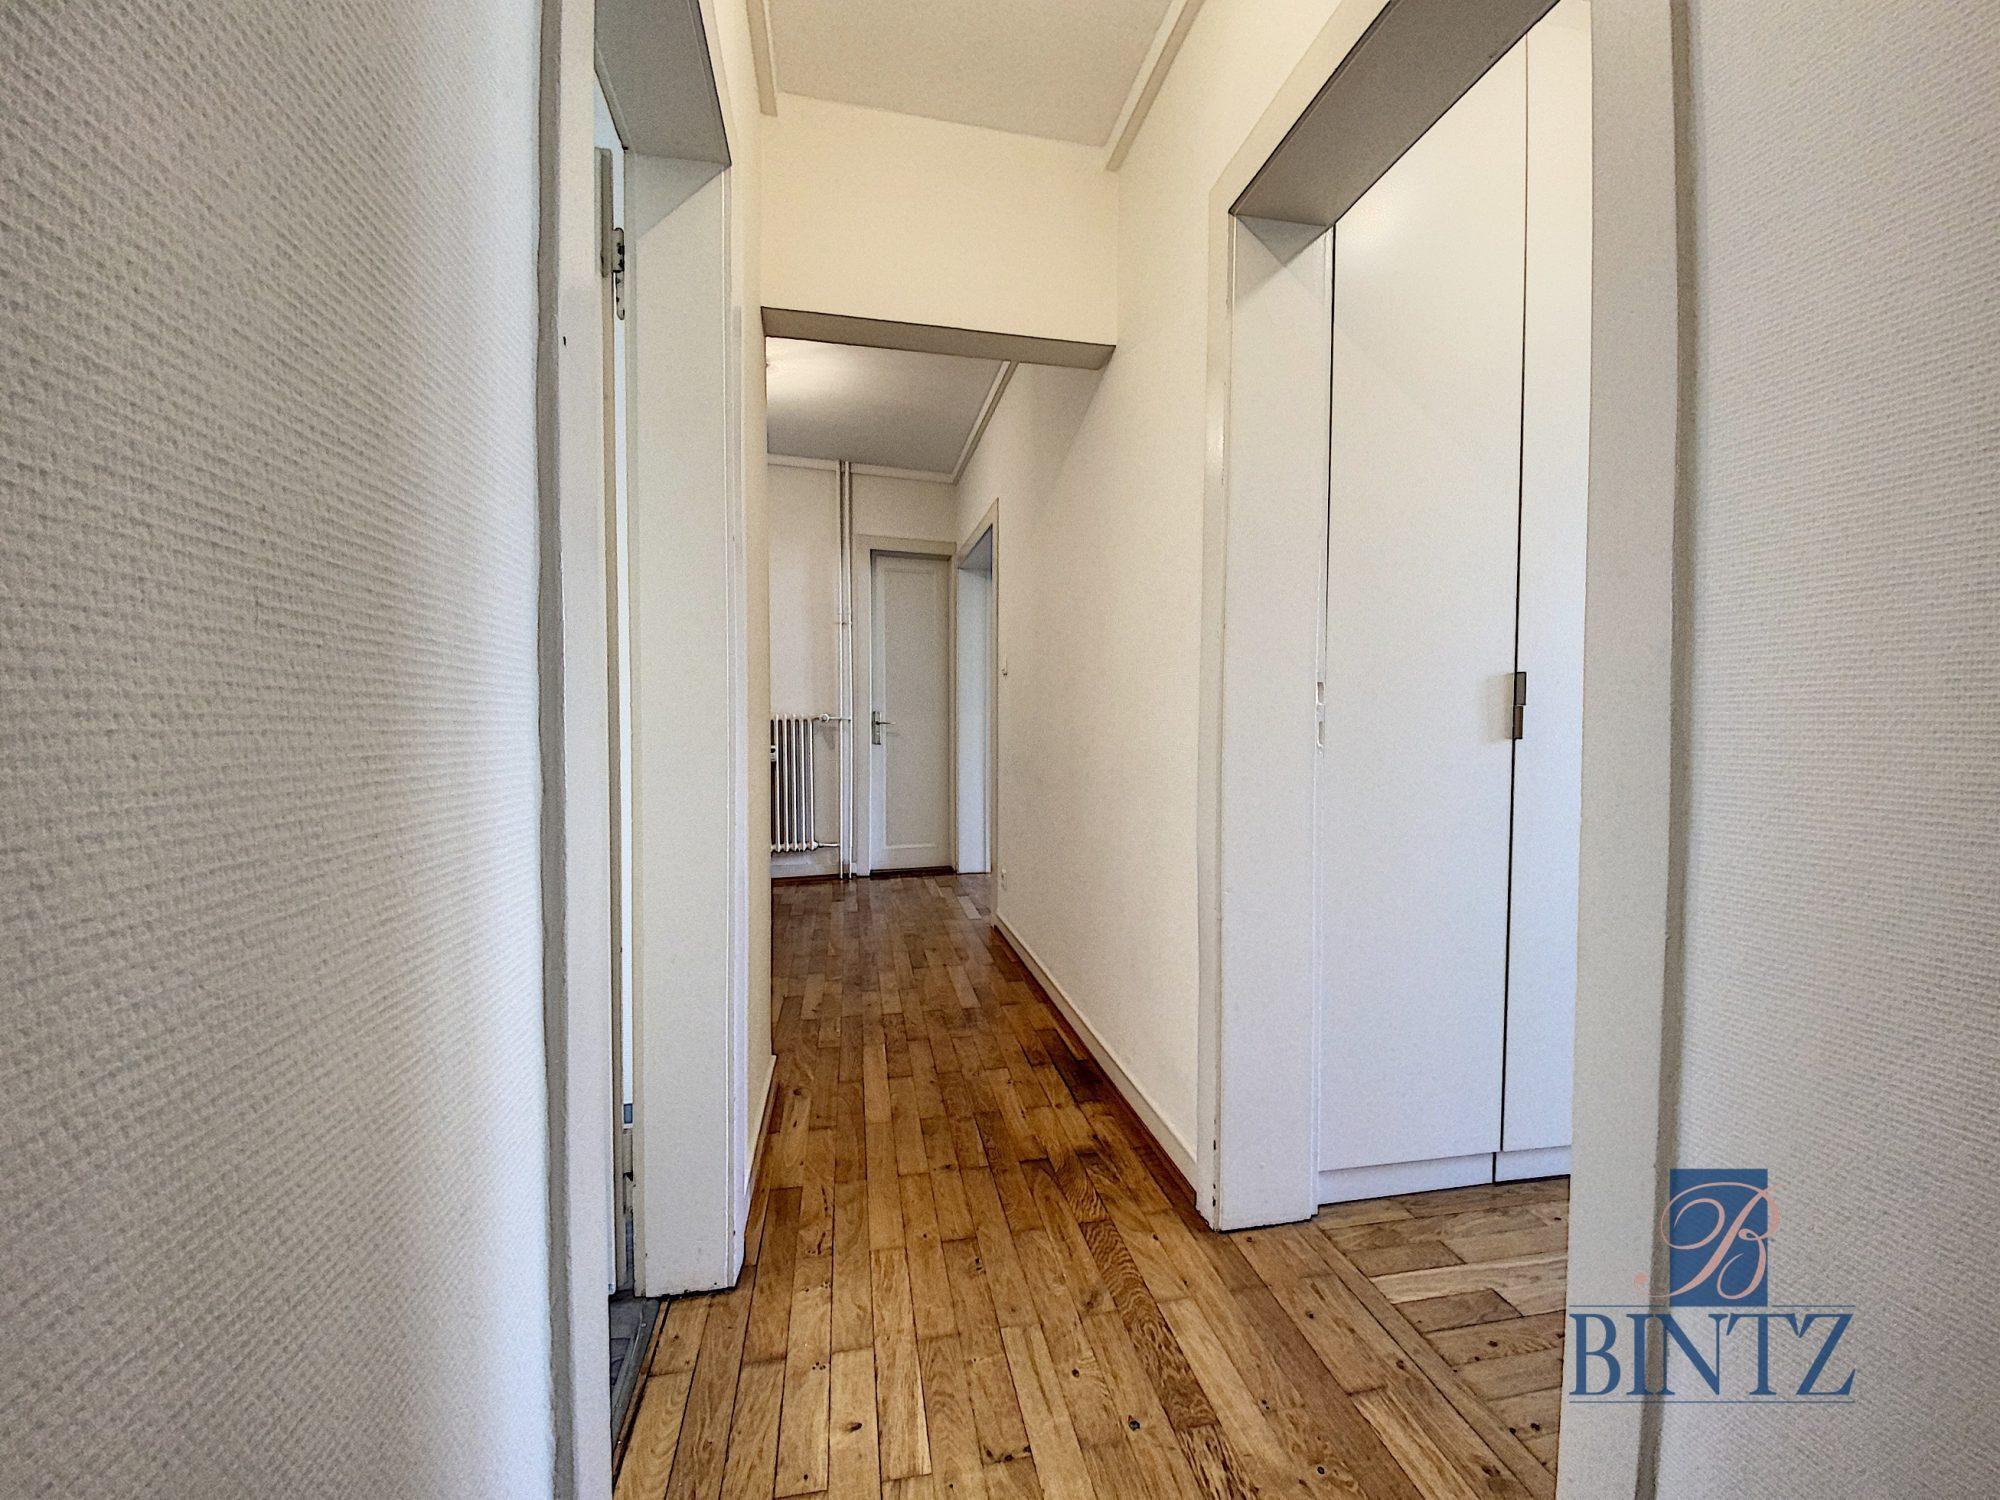 Grand 3 pièces HYPERCENTRE - Devenez locataire en toute sérénité - Bintz Immobilier - 8